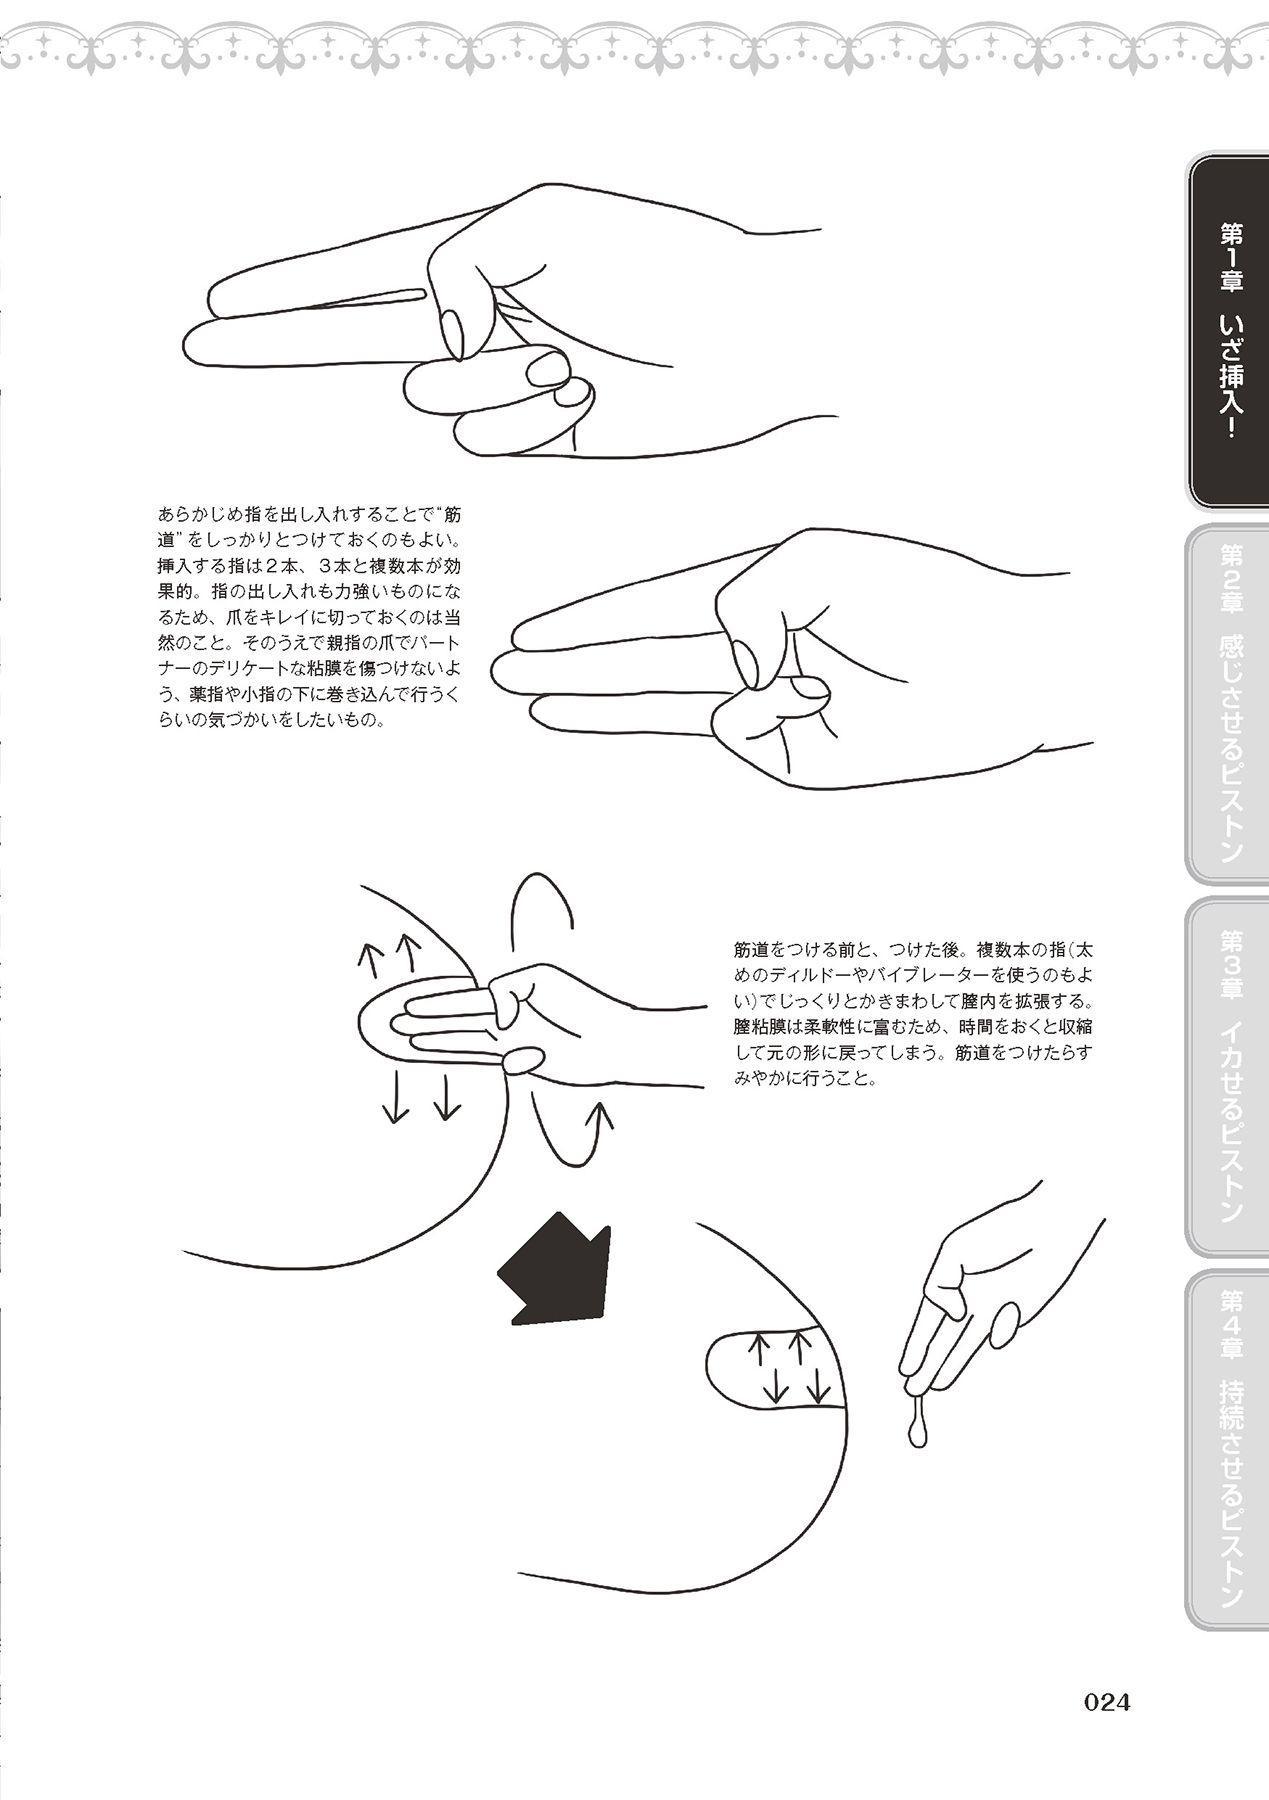 膣挿入&ピストン運動完全マニュアル イラスト版……ピスとんッ! 25